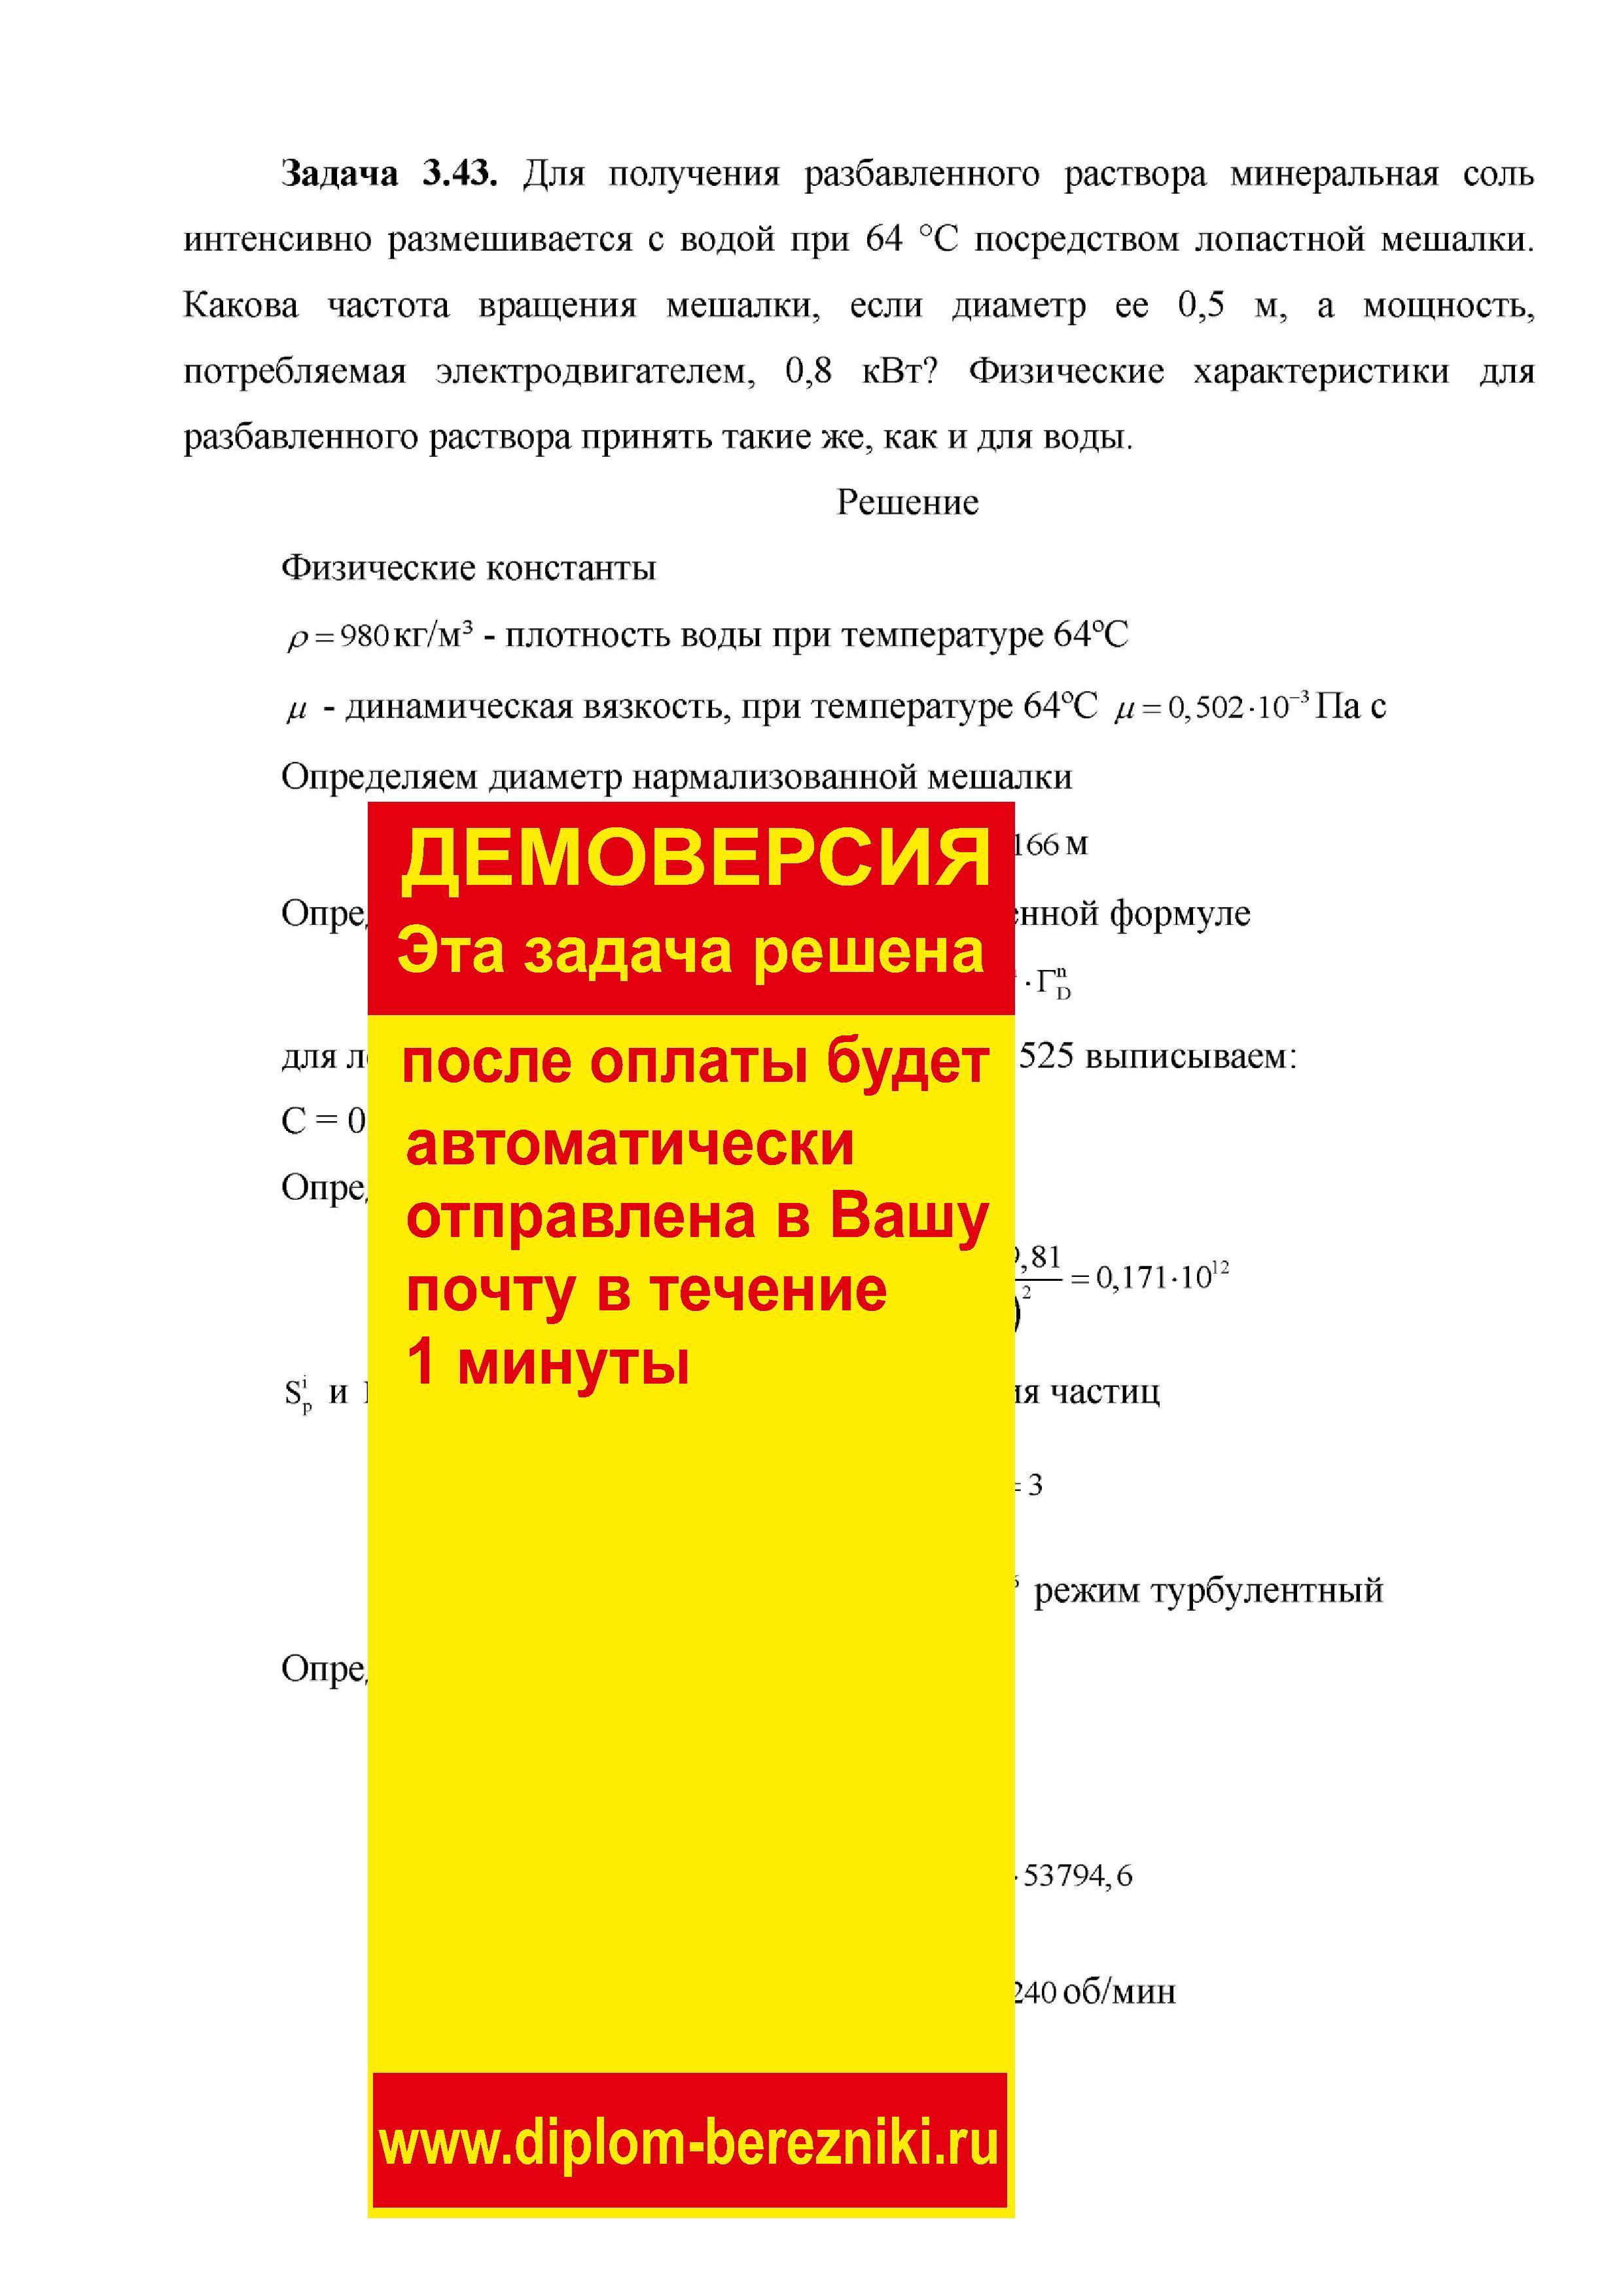 Решение задачи 3.43 по ПАХТ из задачника Павлова Романкова Носкова